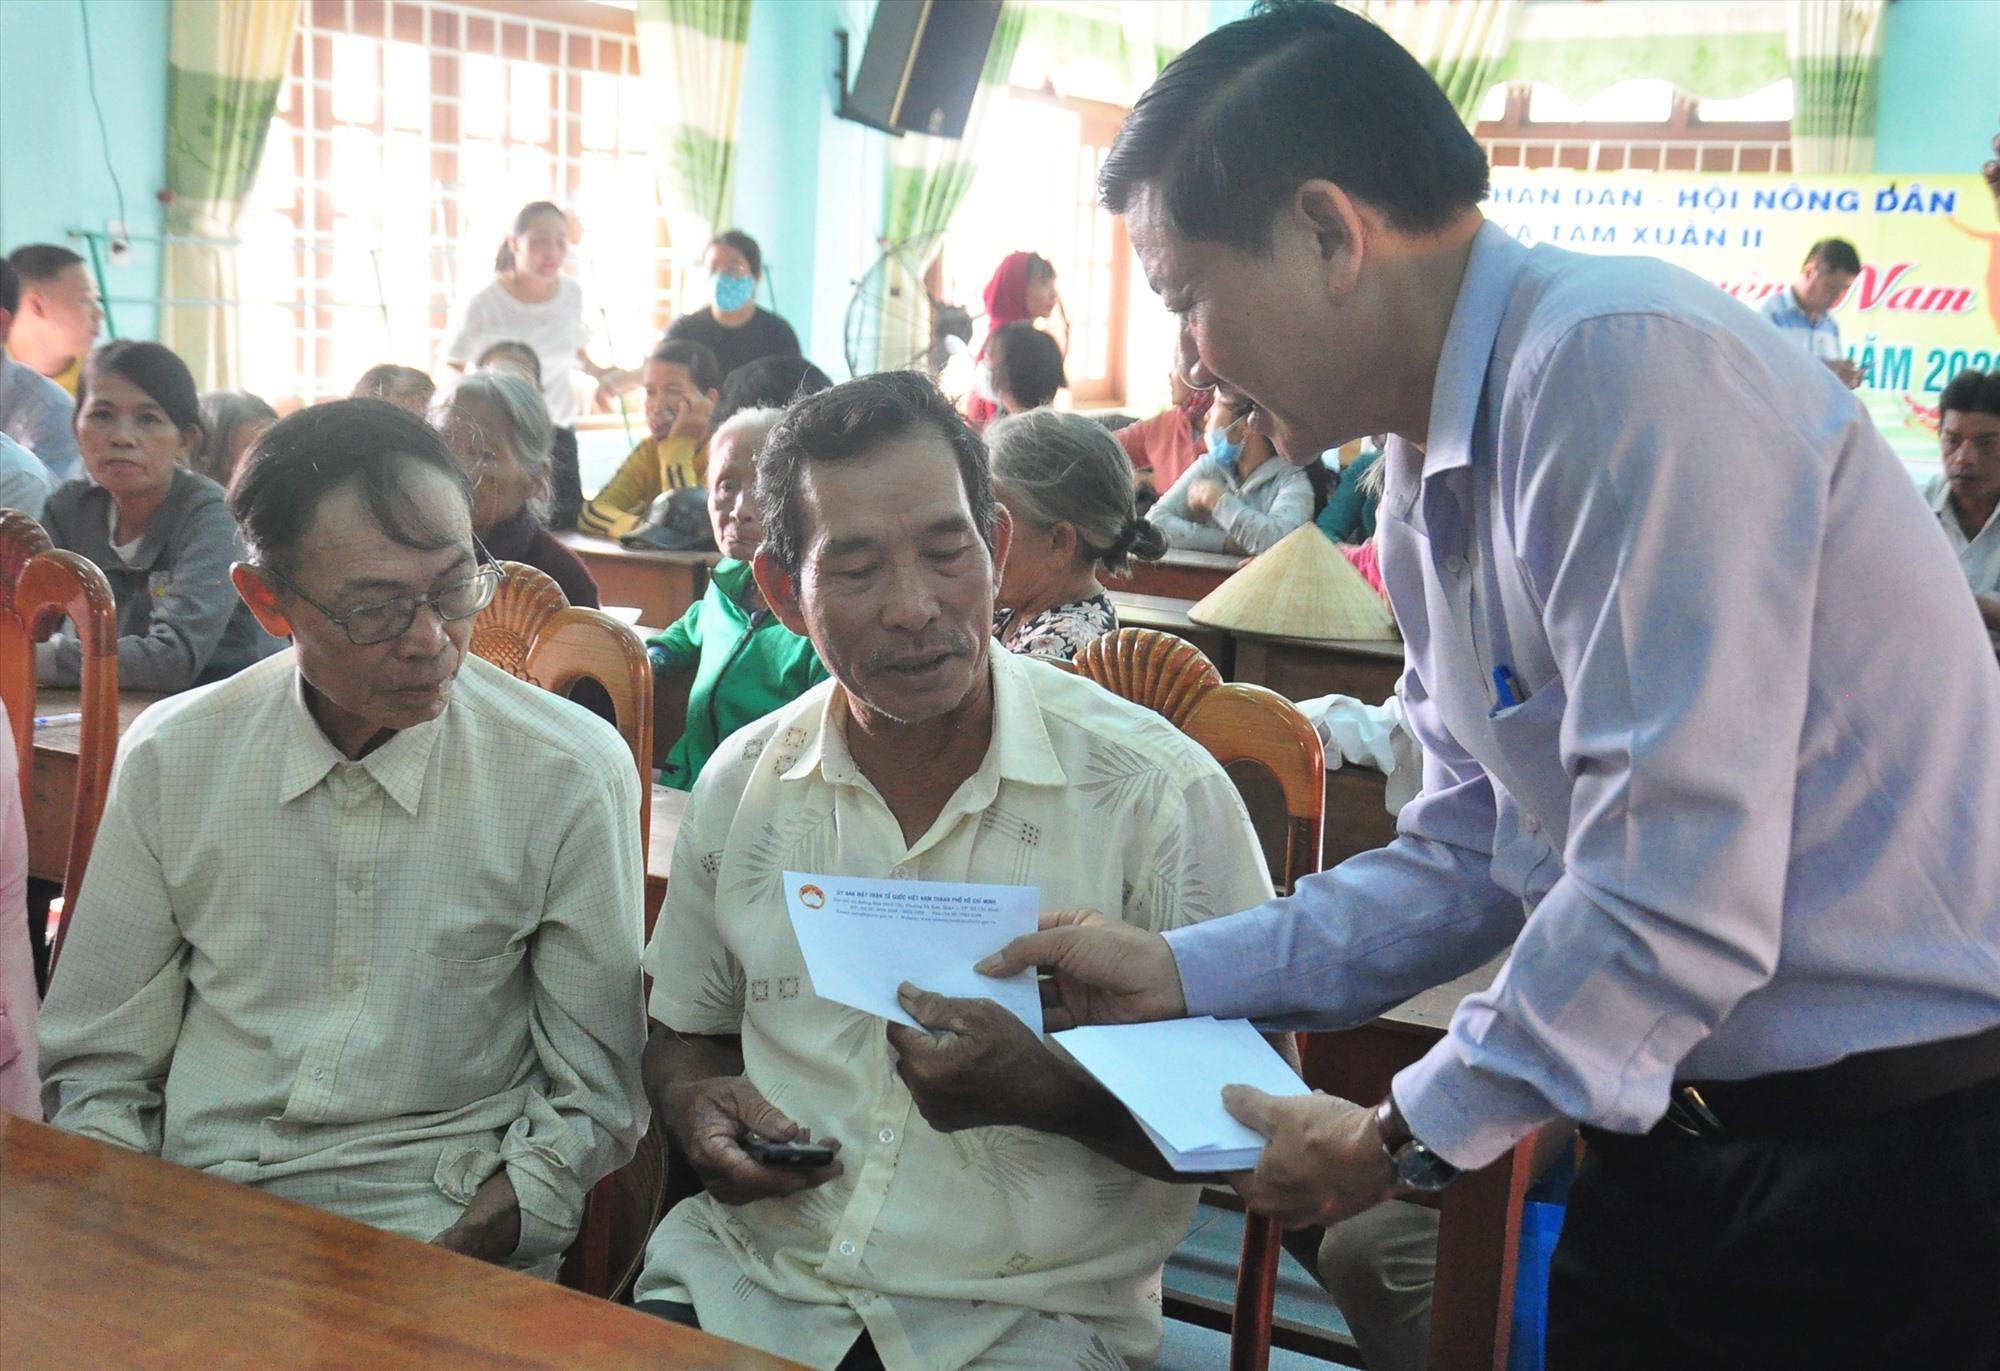 Phó Chủ tịch Ủy ban MTTQ Việt Nam tỉnh Lê Thái Bình tặng quà cho người dân bị thiệt hại do bão lũ. Ảnh: VINH ANH